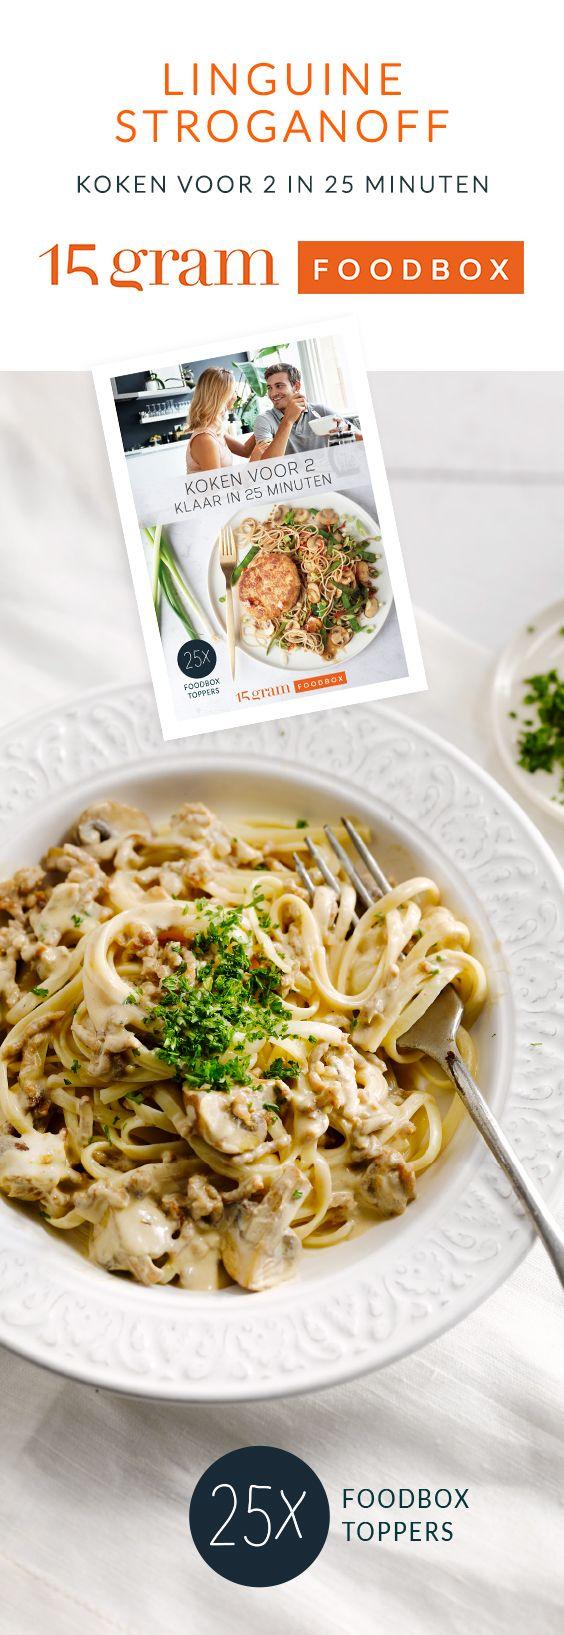 Stroganoff is een van oorsprong Russische saus met room en champignons. Mij maken er onze eigen versie van, met lichte roomkaas in combinatie met rundsgehakt!